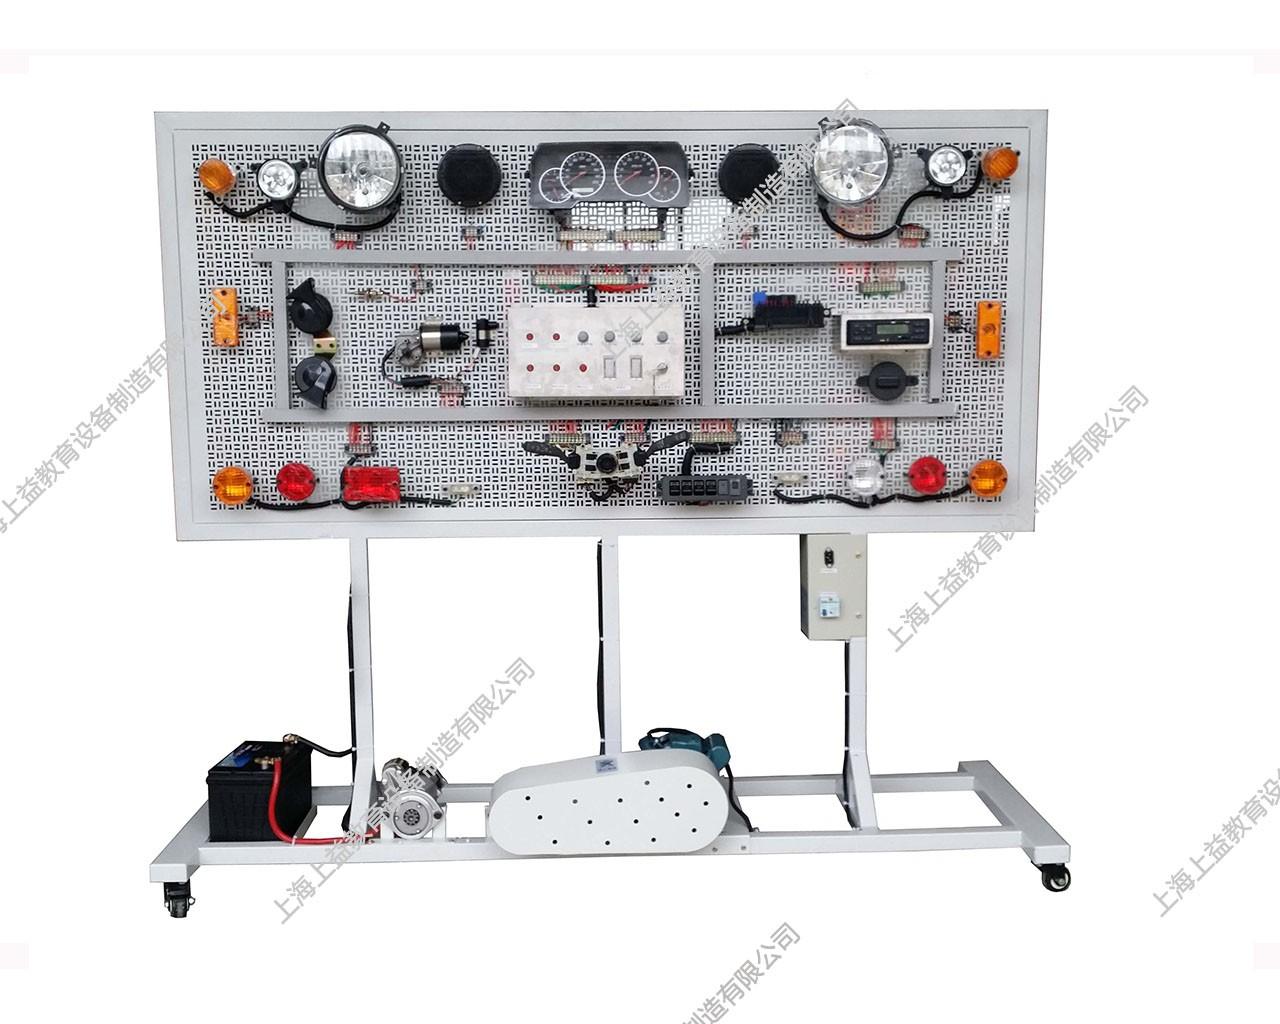 勇士BJ2022全车电器网孔式wwwlehu8vip台